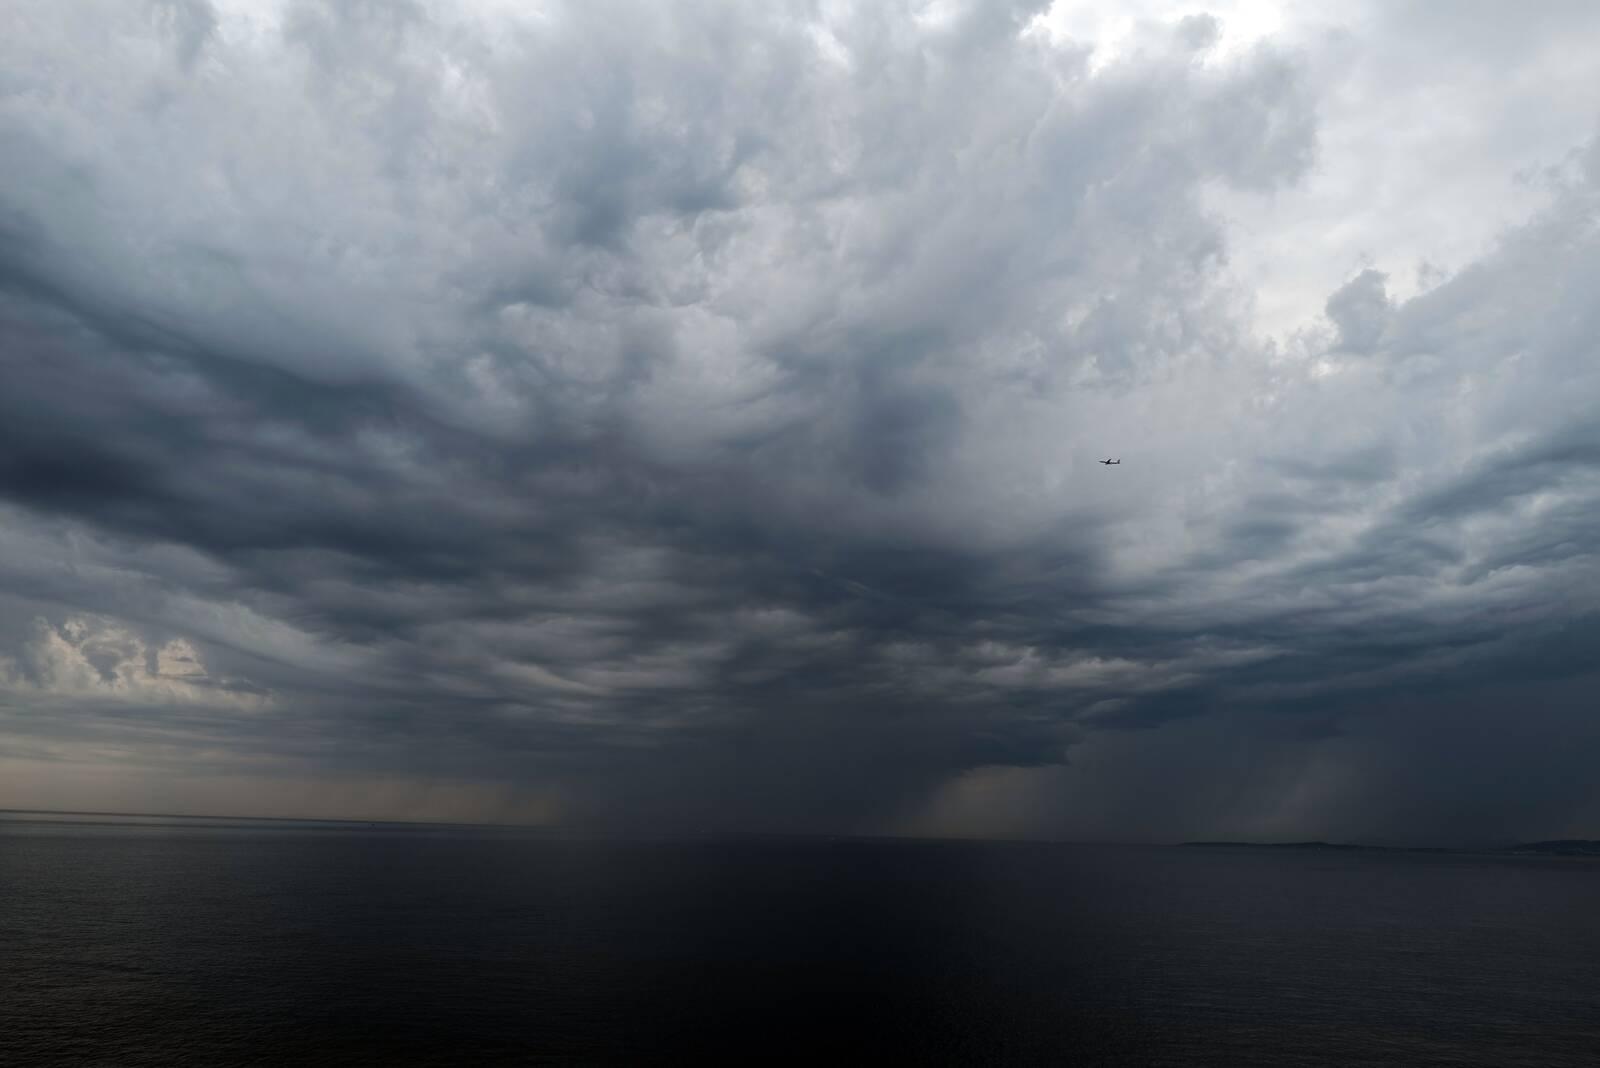 Mediterranean Sea. Credit: Valery Hache/AFP via Getty Images